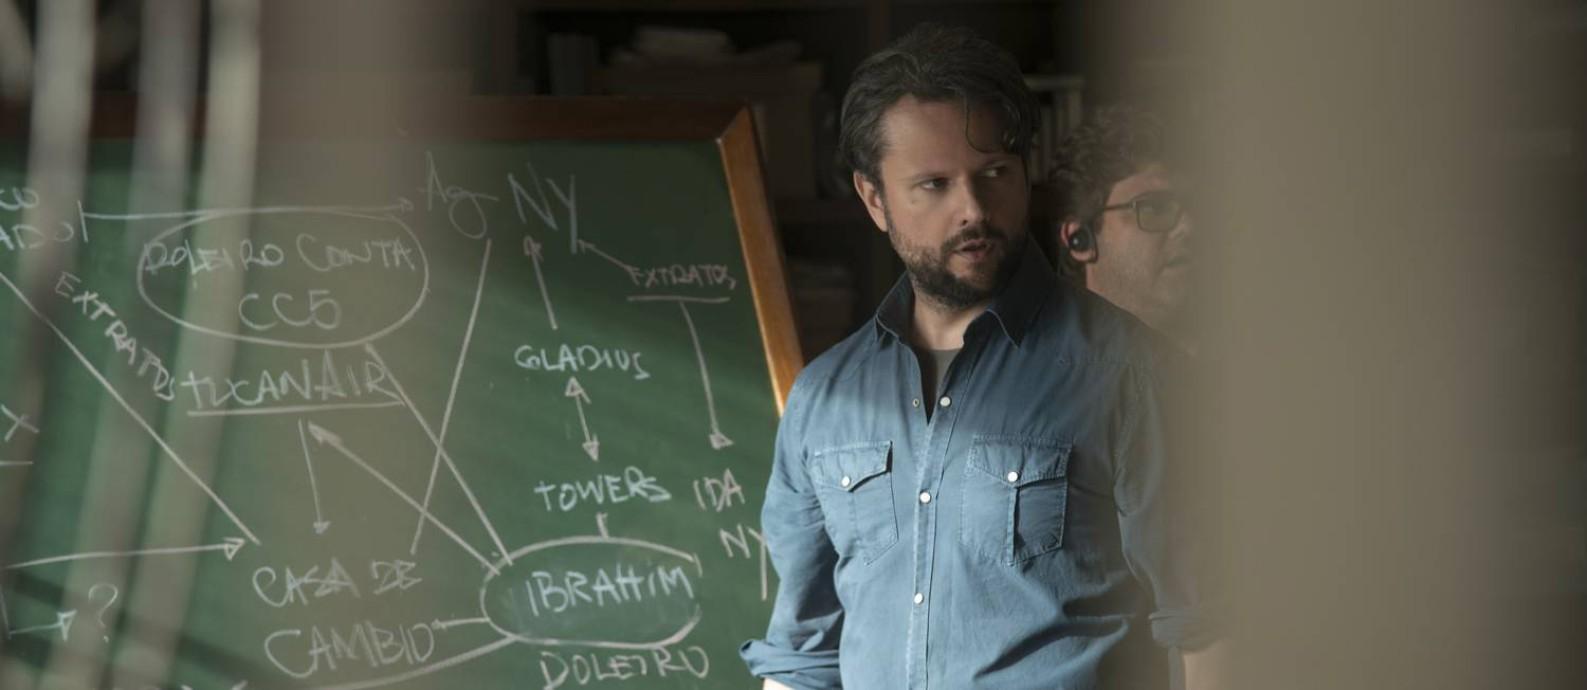 'O mecanismo', série da Netflix criada por José Padilha Foto: Pedro Saad/ Karima Shehata/Divulgação